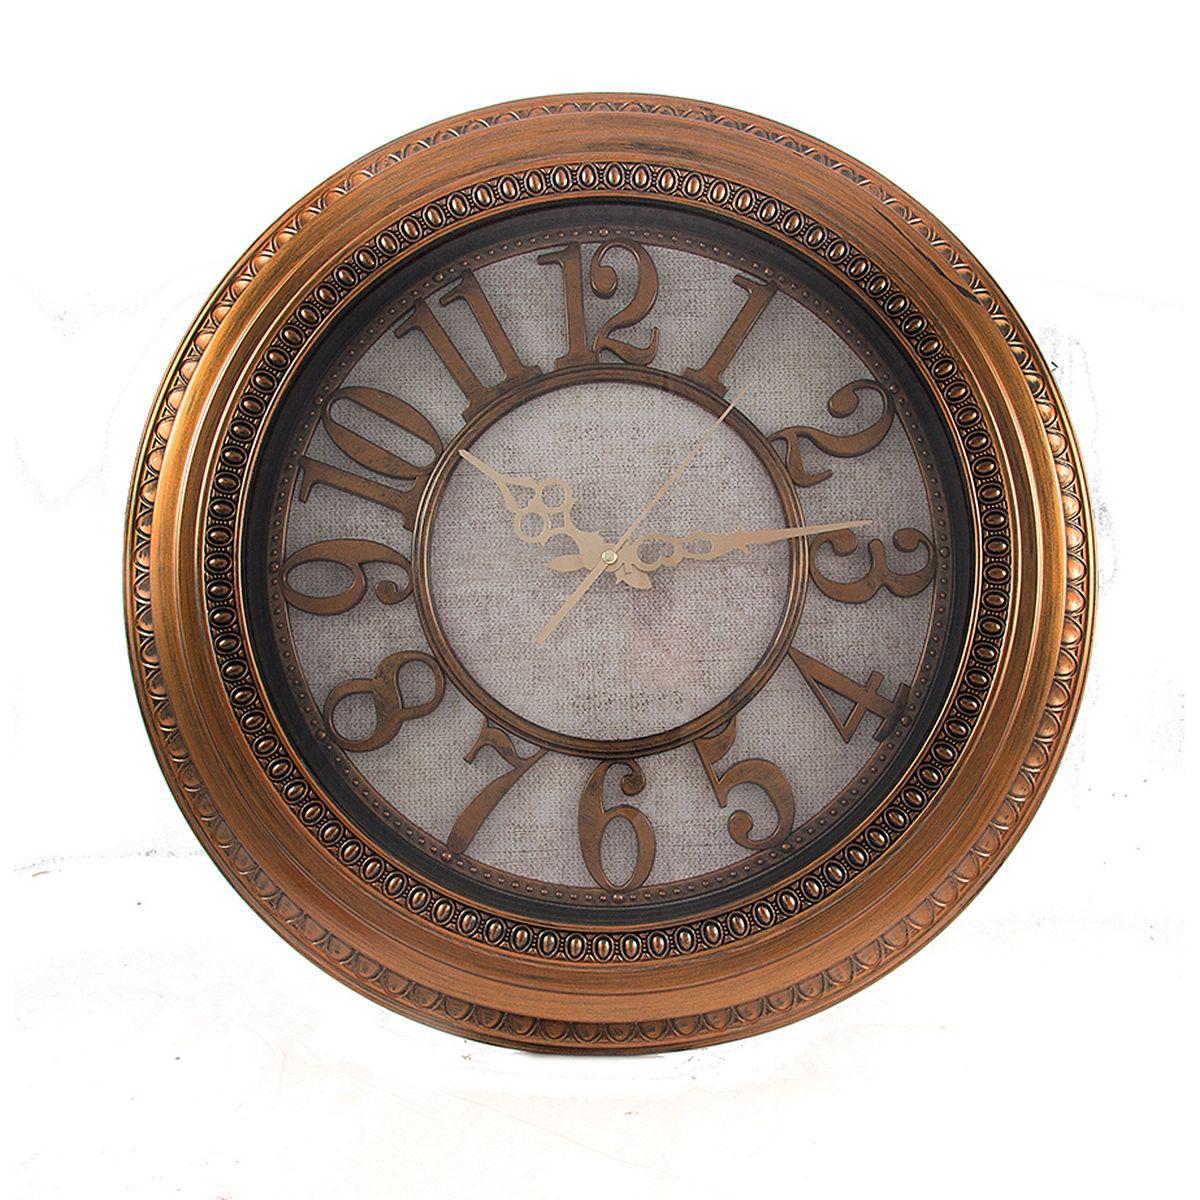 Часы настенные Русские Подарки, цвет: бронзовый, диаметр 53 см. 222438 ваза русские подарки винтаж высота 31 см 123710